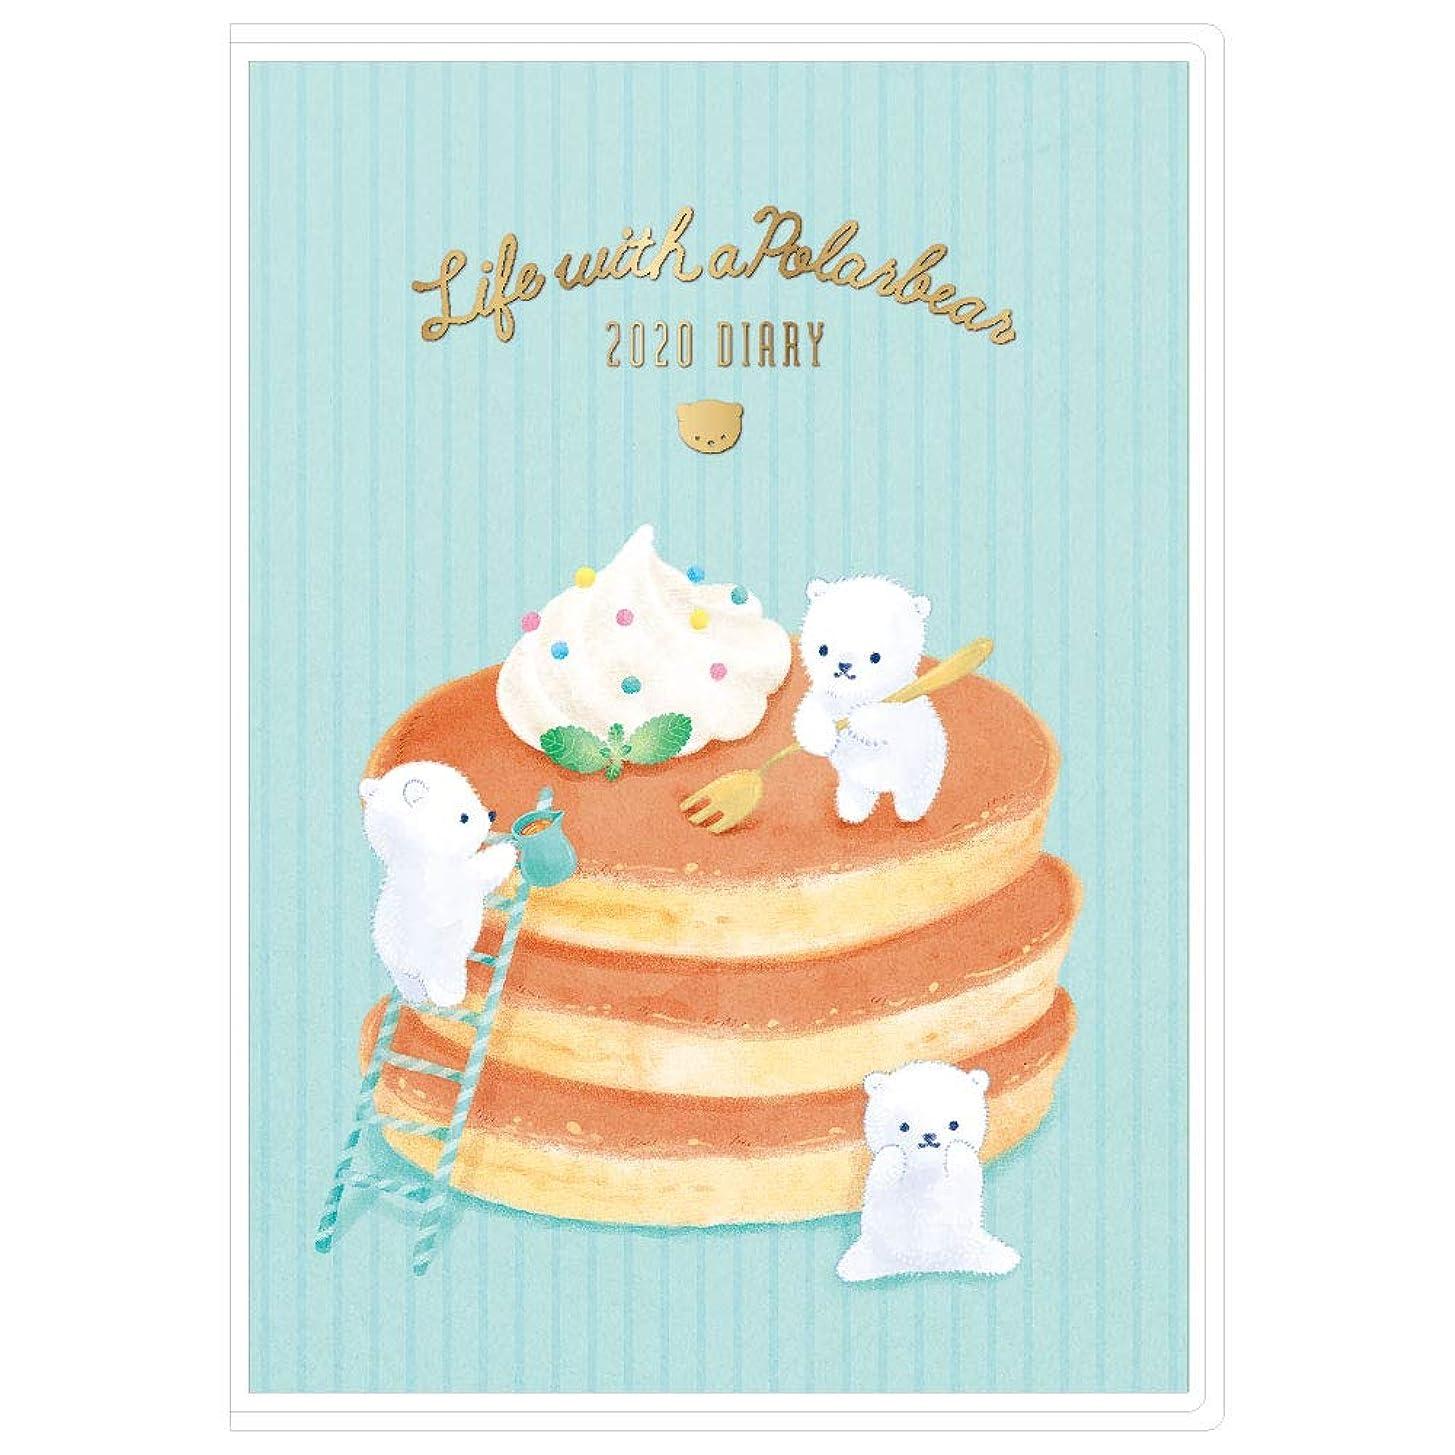 追うペニーシャットアートプリントジャパン 2020年手帳 sericoダイアリー/パンケーキ 1000108773